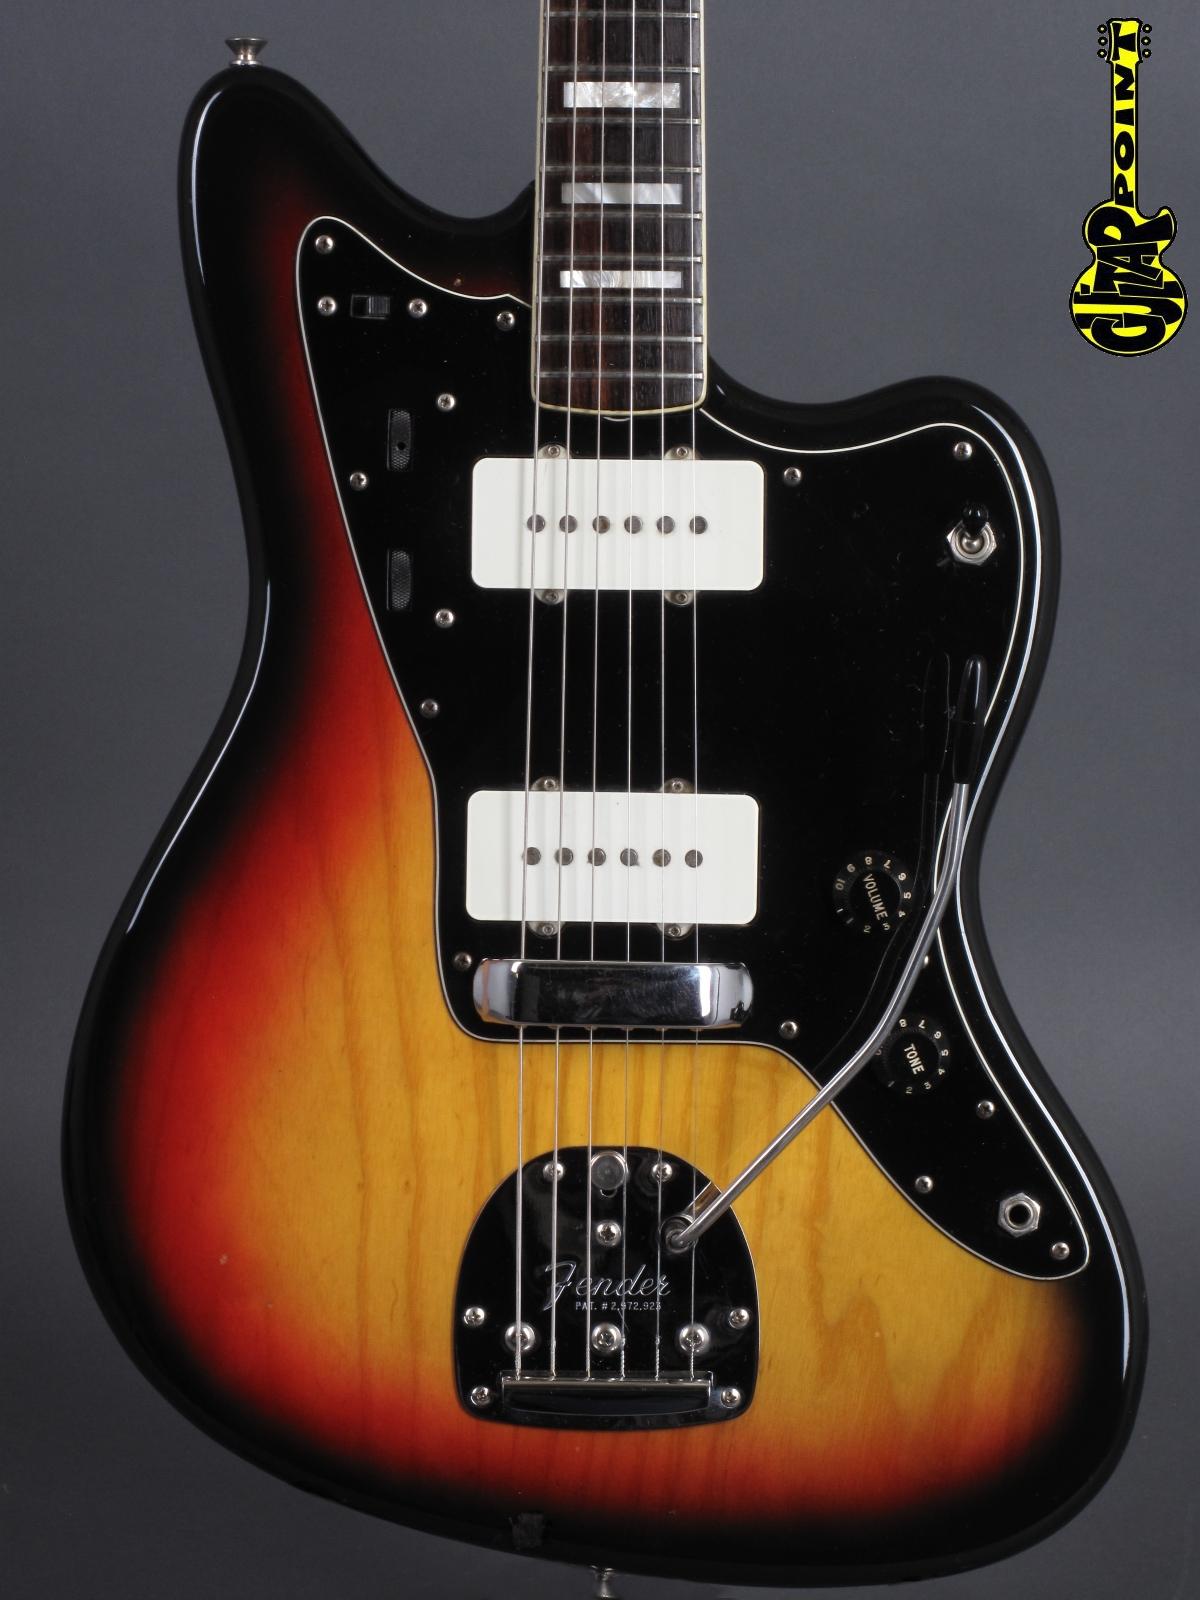 1978 Fender Jazzmaster - 3-tone Sunburst